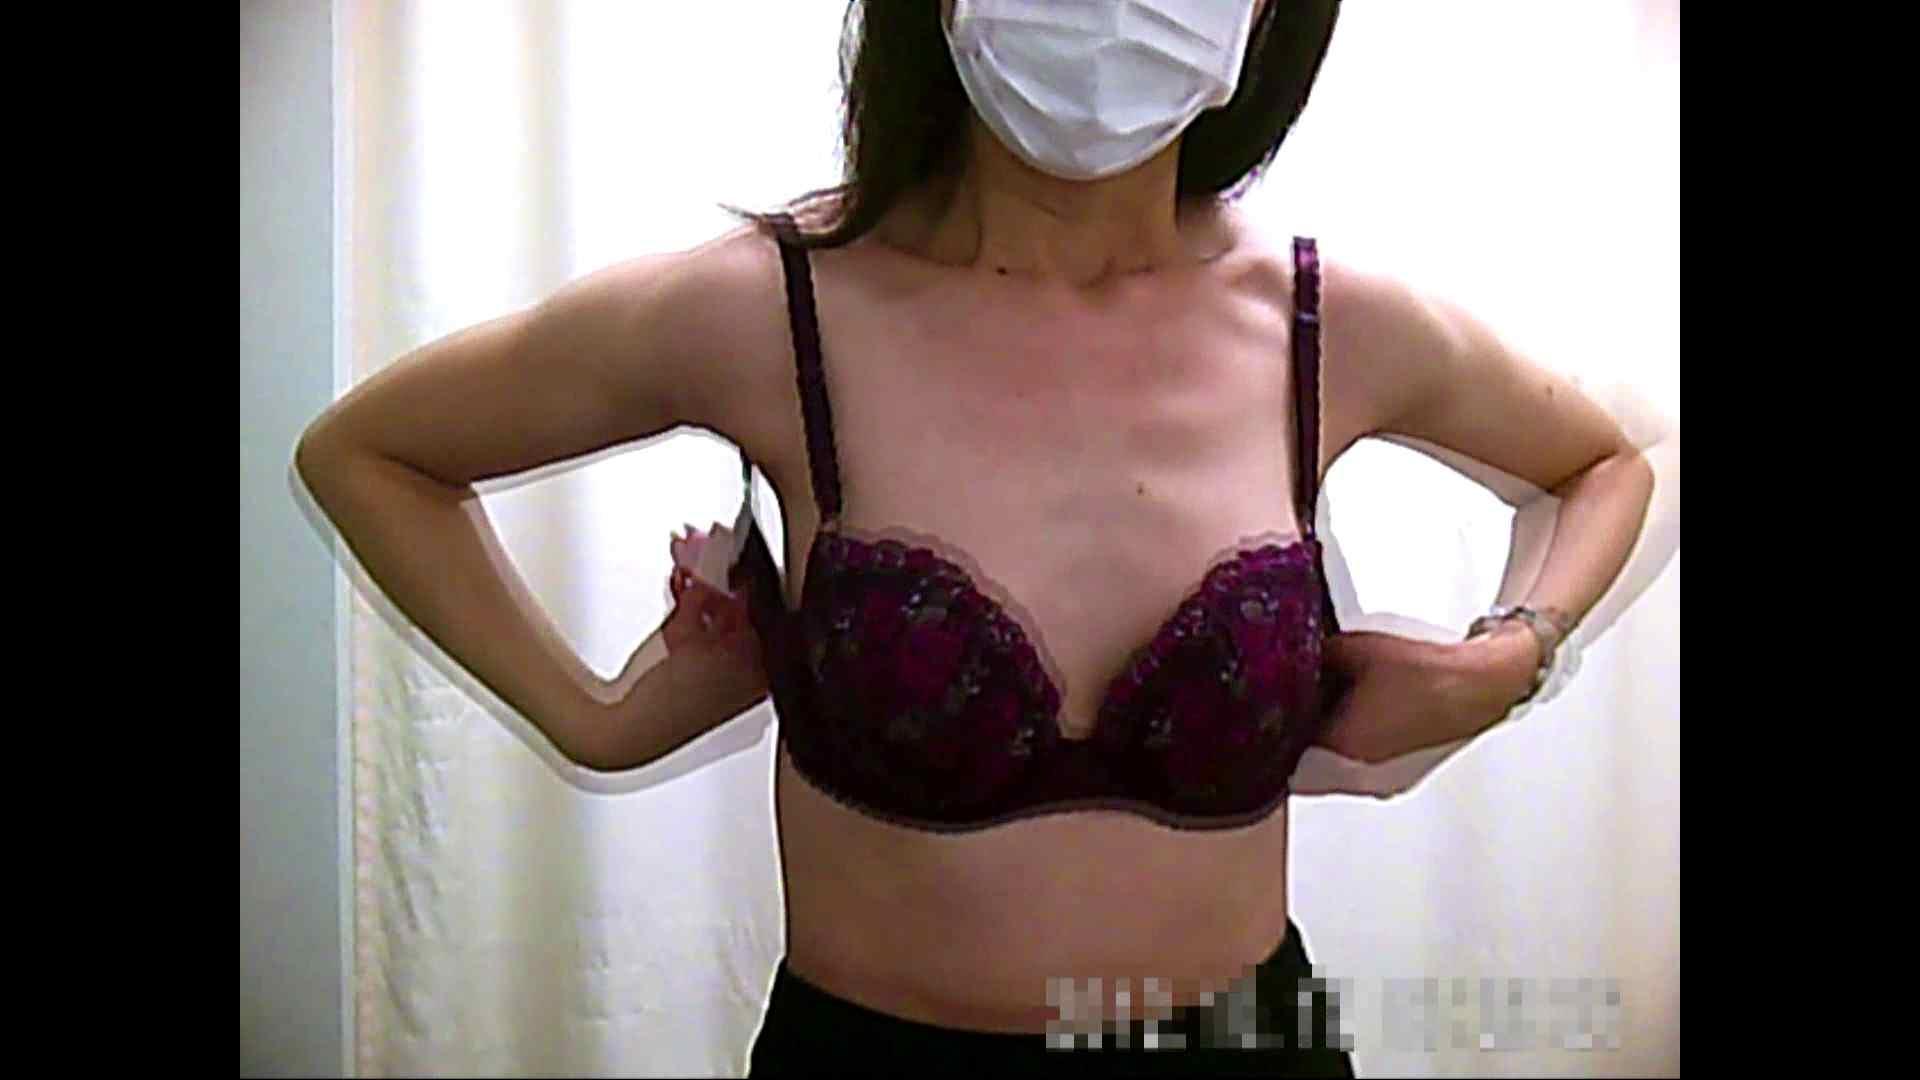 病院おもいっきり着替え! vol.242 貧乳 すけべAV動画紹介 105pic 62